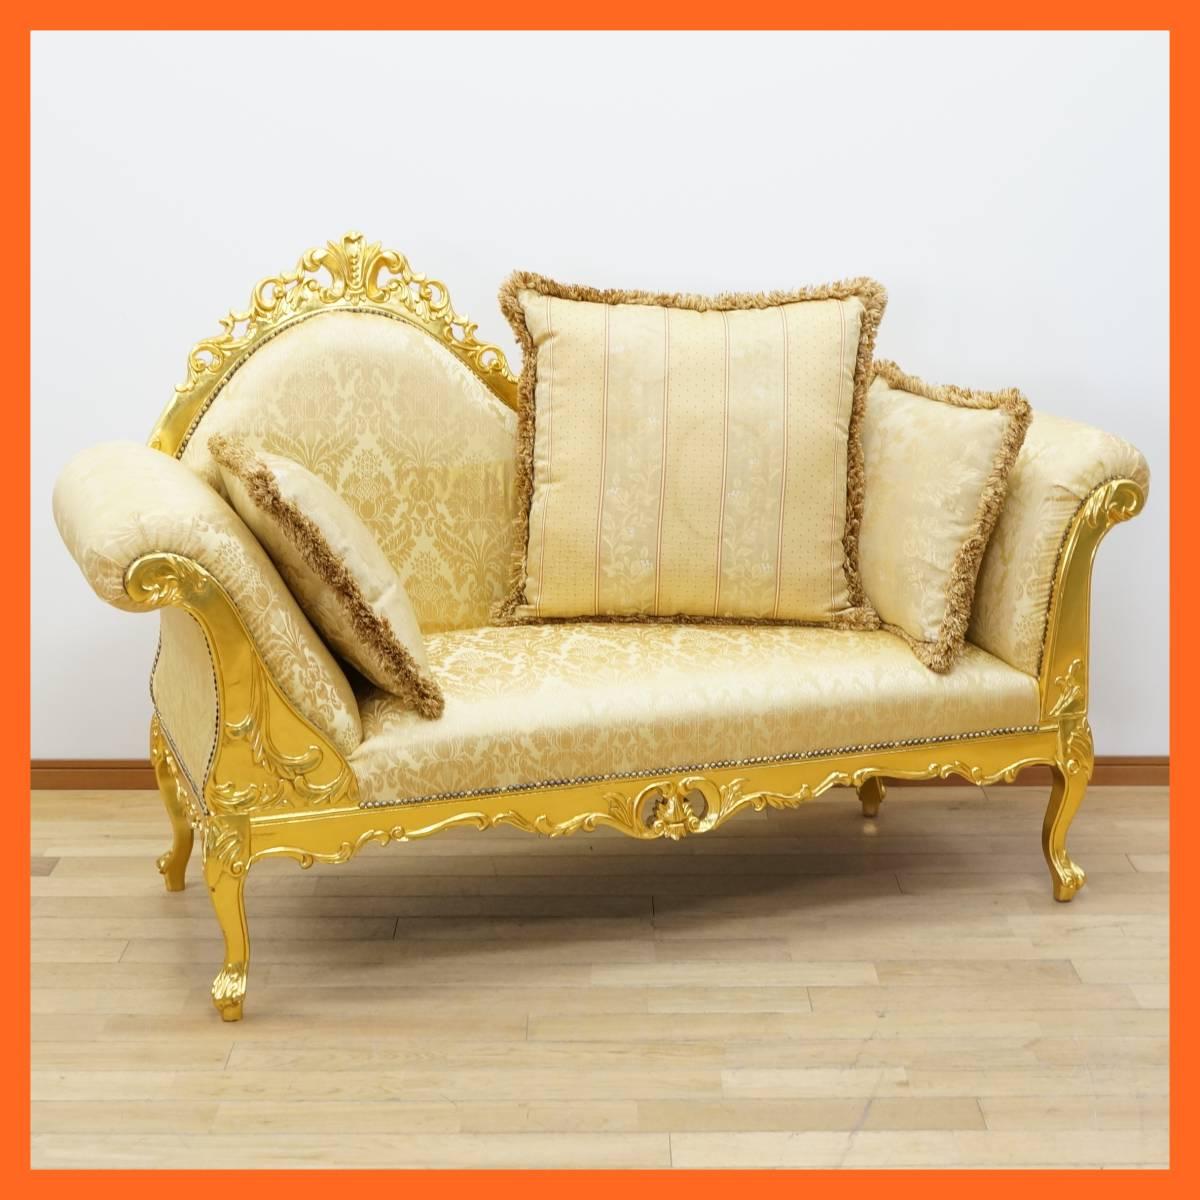 【ロココ調】カウチソファ 2人掛け ゴールドフレーム エレガンスソファ ラグジュアリー クッション付き 猫脚 リビング家具